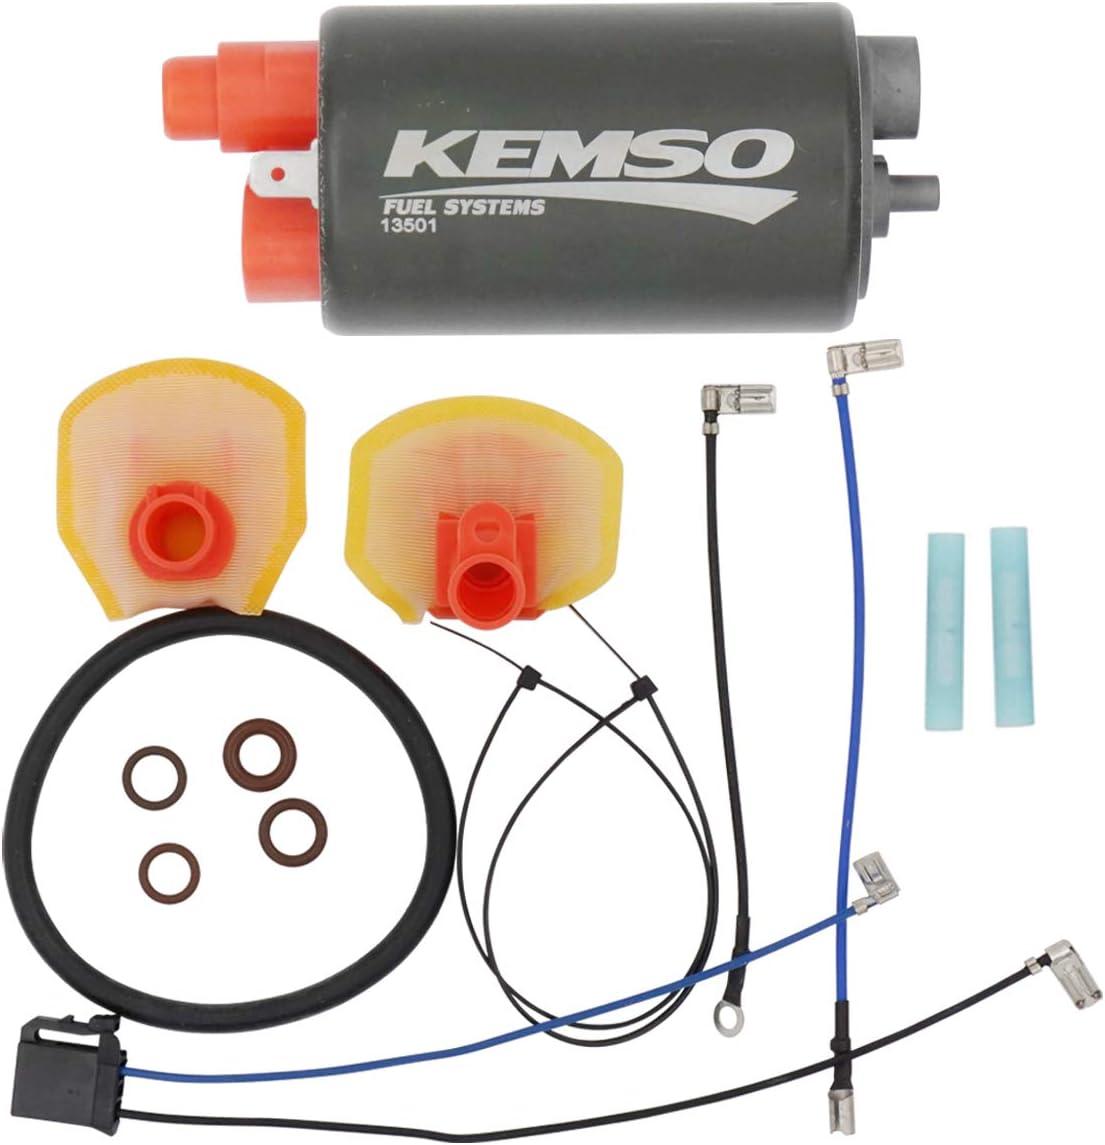 KEMSO Intank Fuel Pump for Popular 2012-2 ZX1400 Kawasaki ZX-14R Super intense SALE Ninja